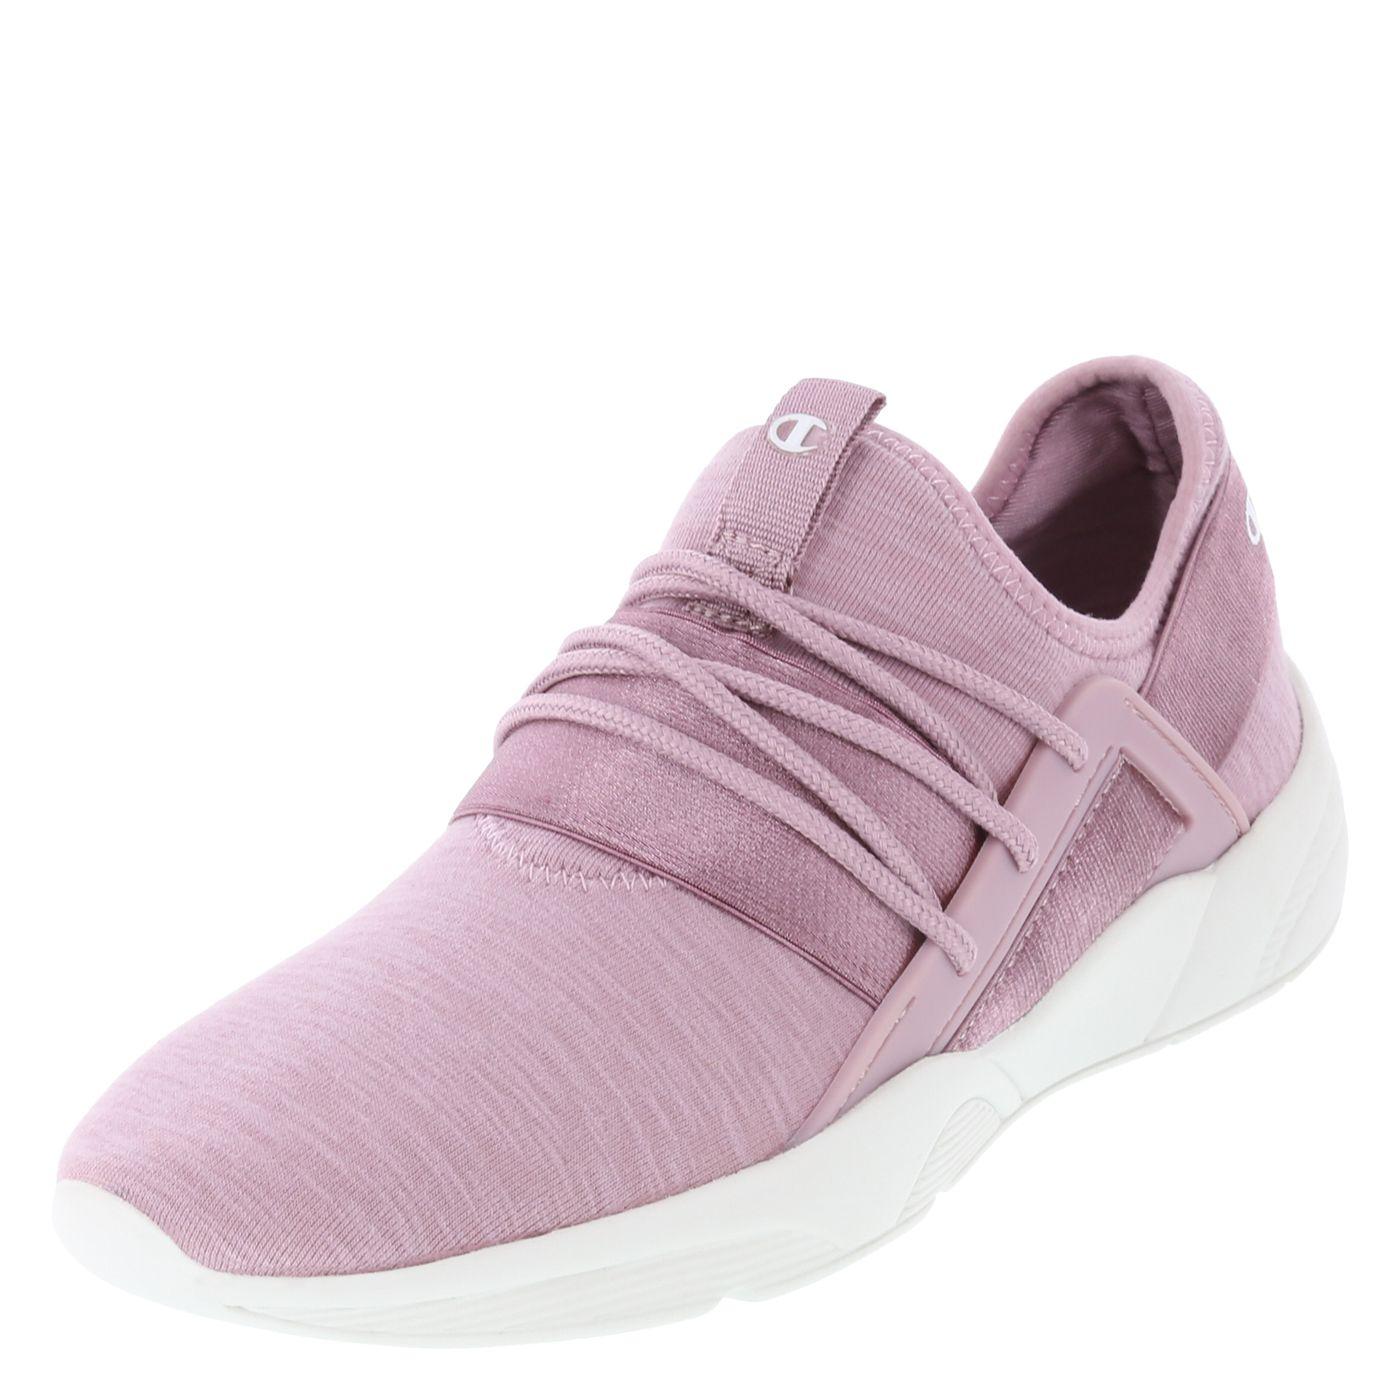 79e087500b3 Women s Flash Gore Slip-On Sneaker in 2019